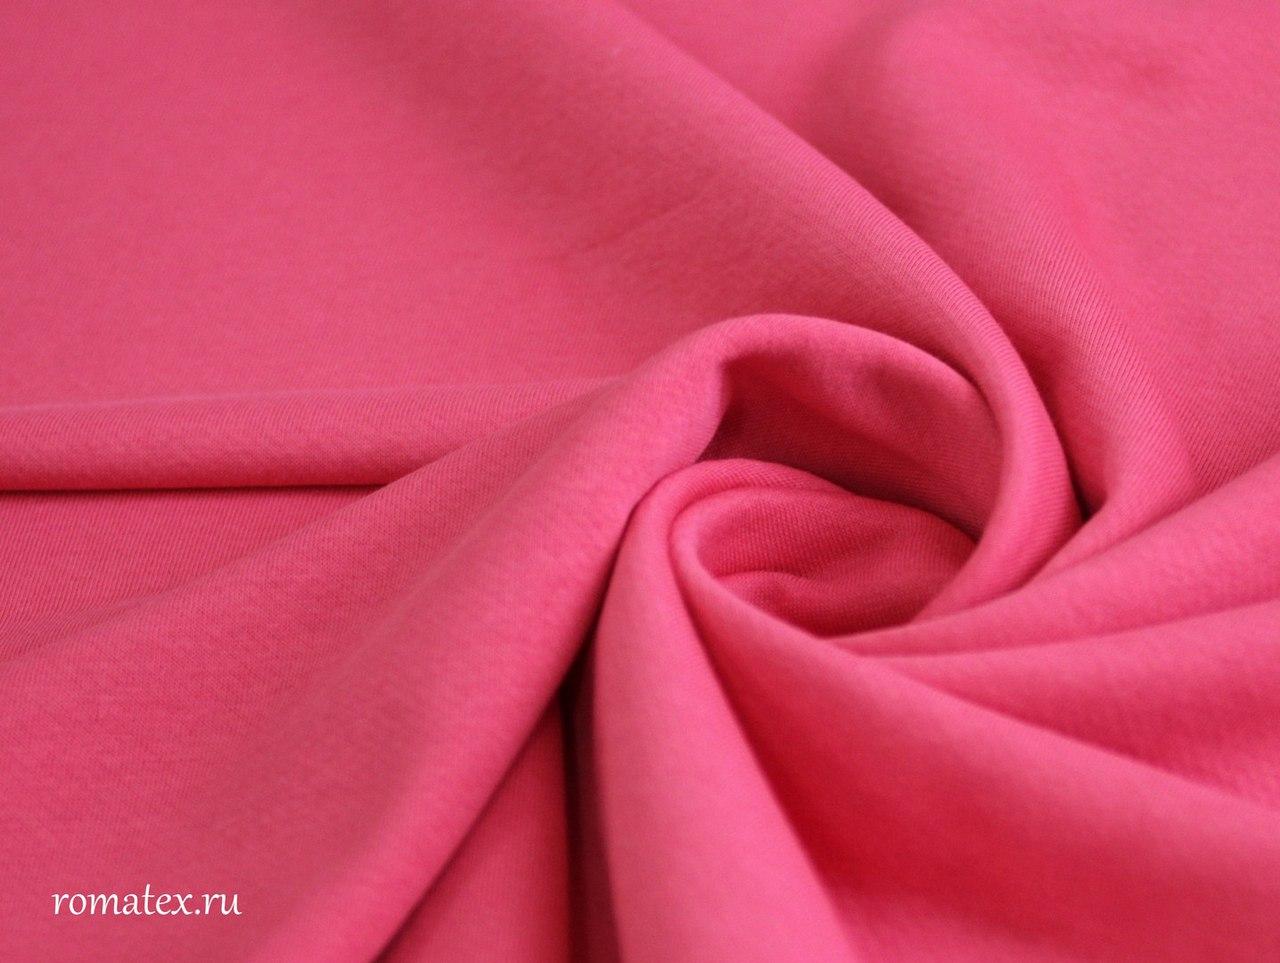 Ткань футер 3-х нитка петля цвет коралловый качество пенье